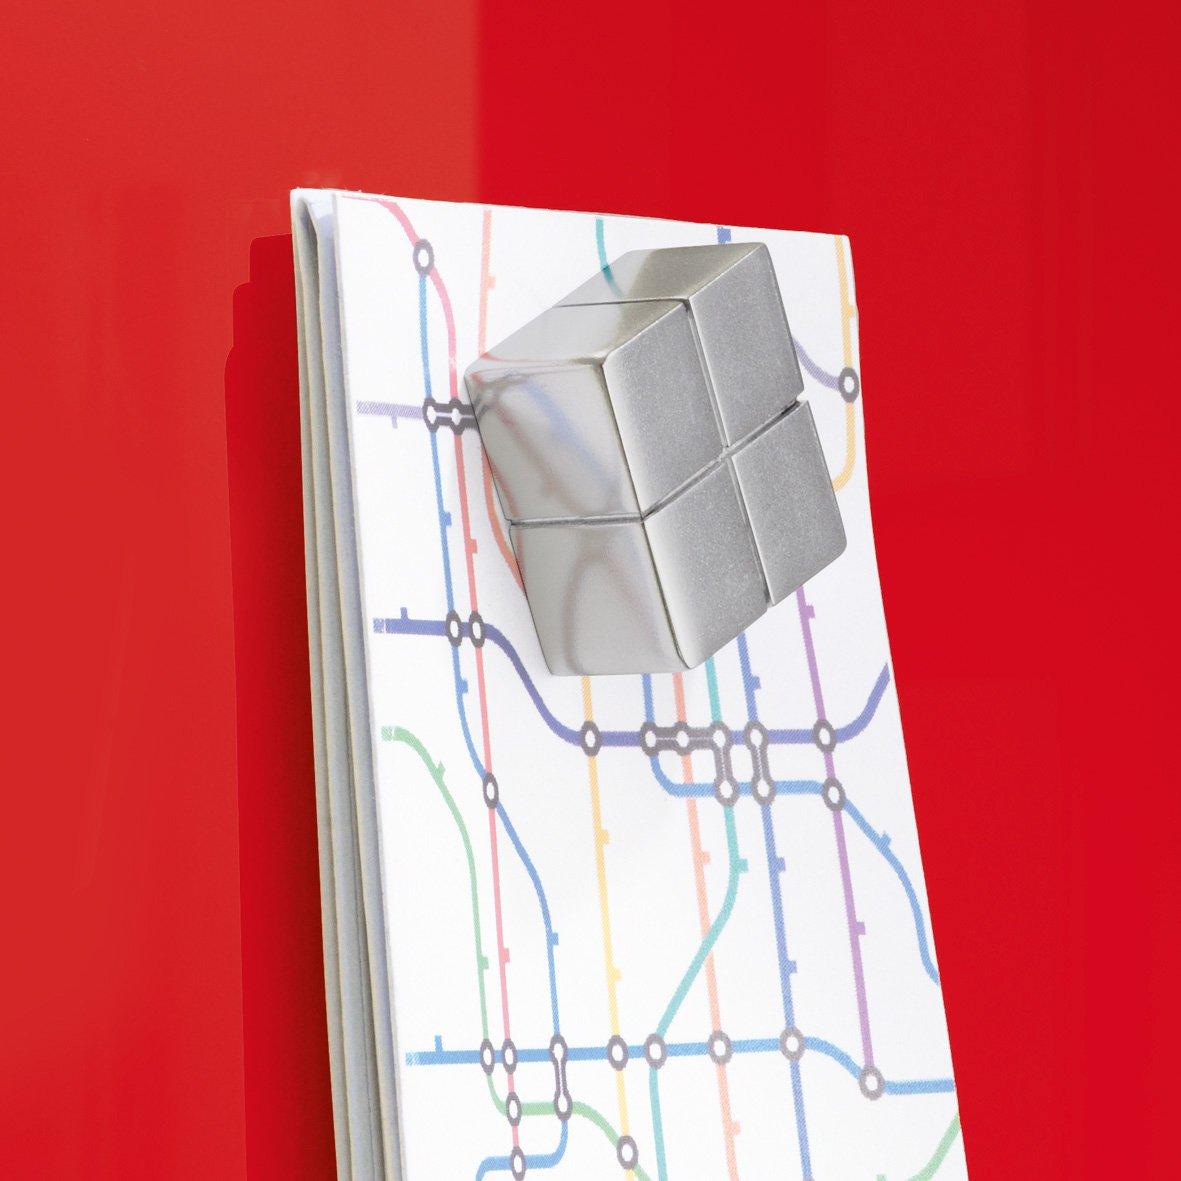 Sigel GL130 Tableau magn/étique en verre Artverum 78 x 48 cm noir